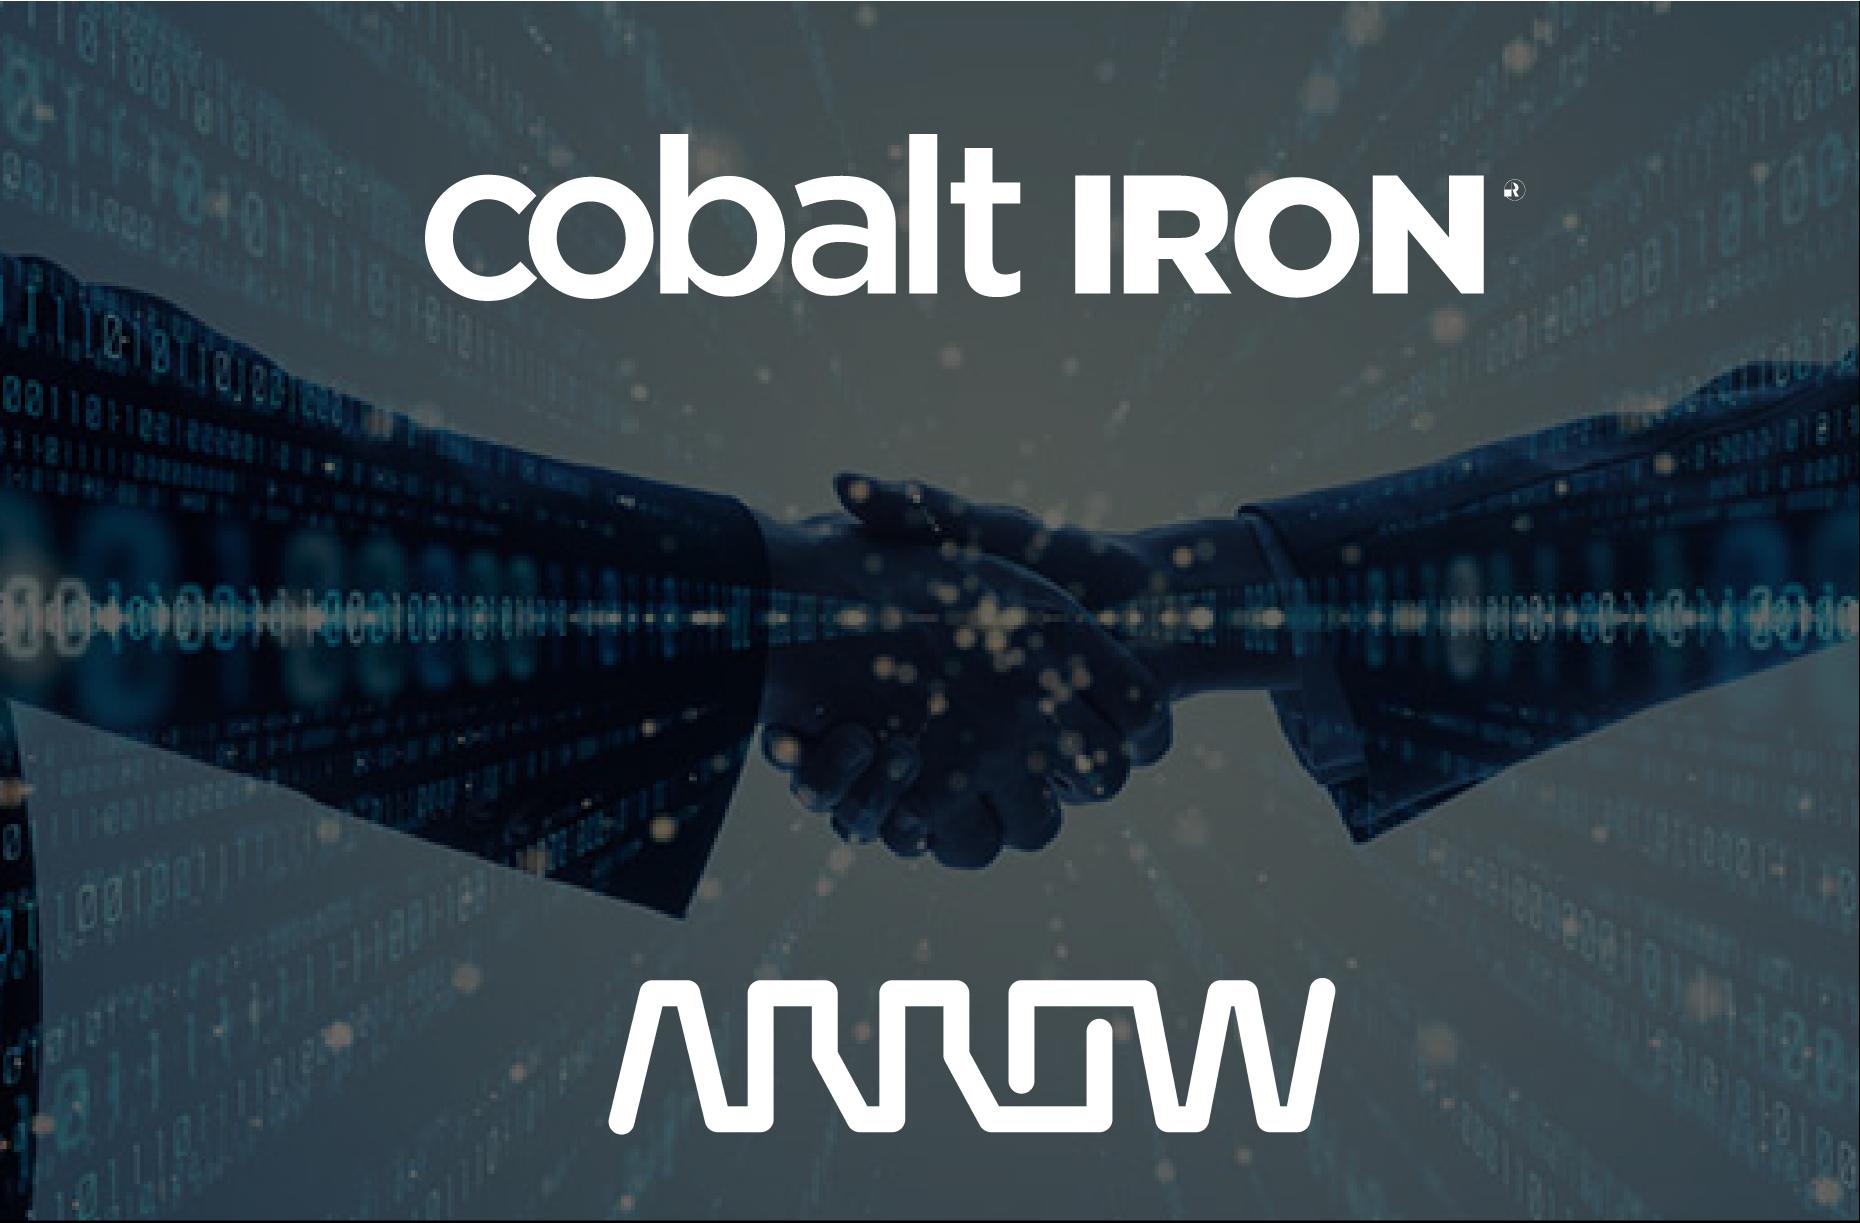 CobaltIron-Arrow-20200318